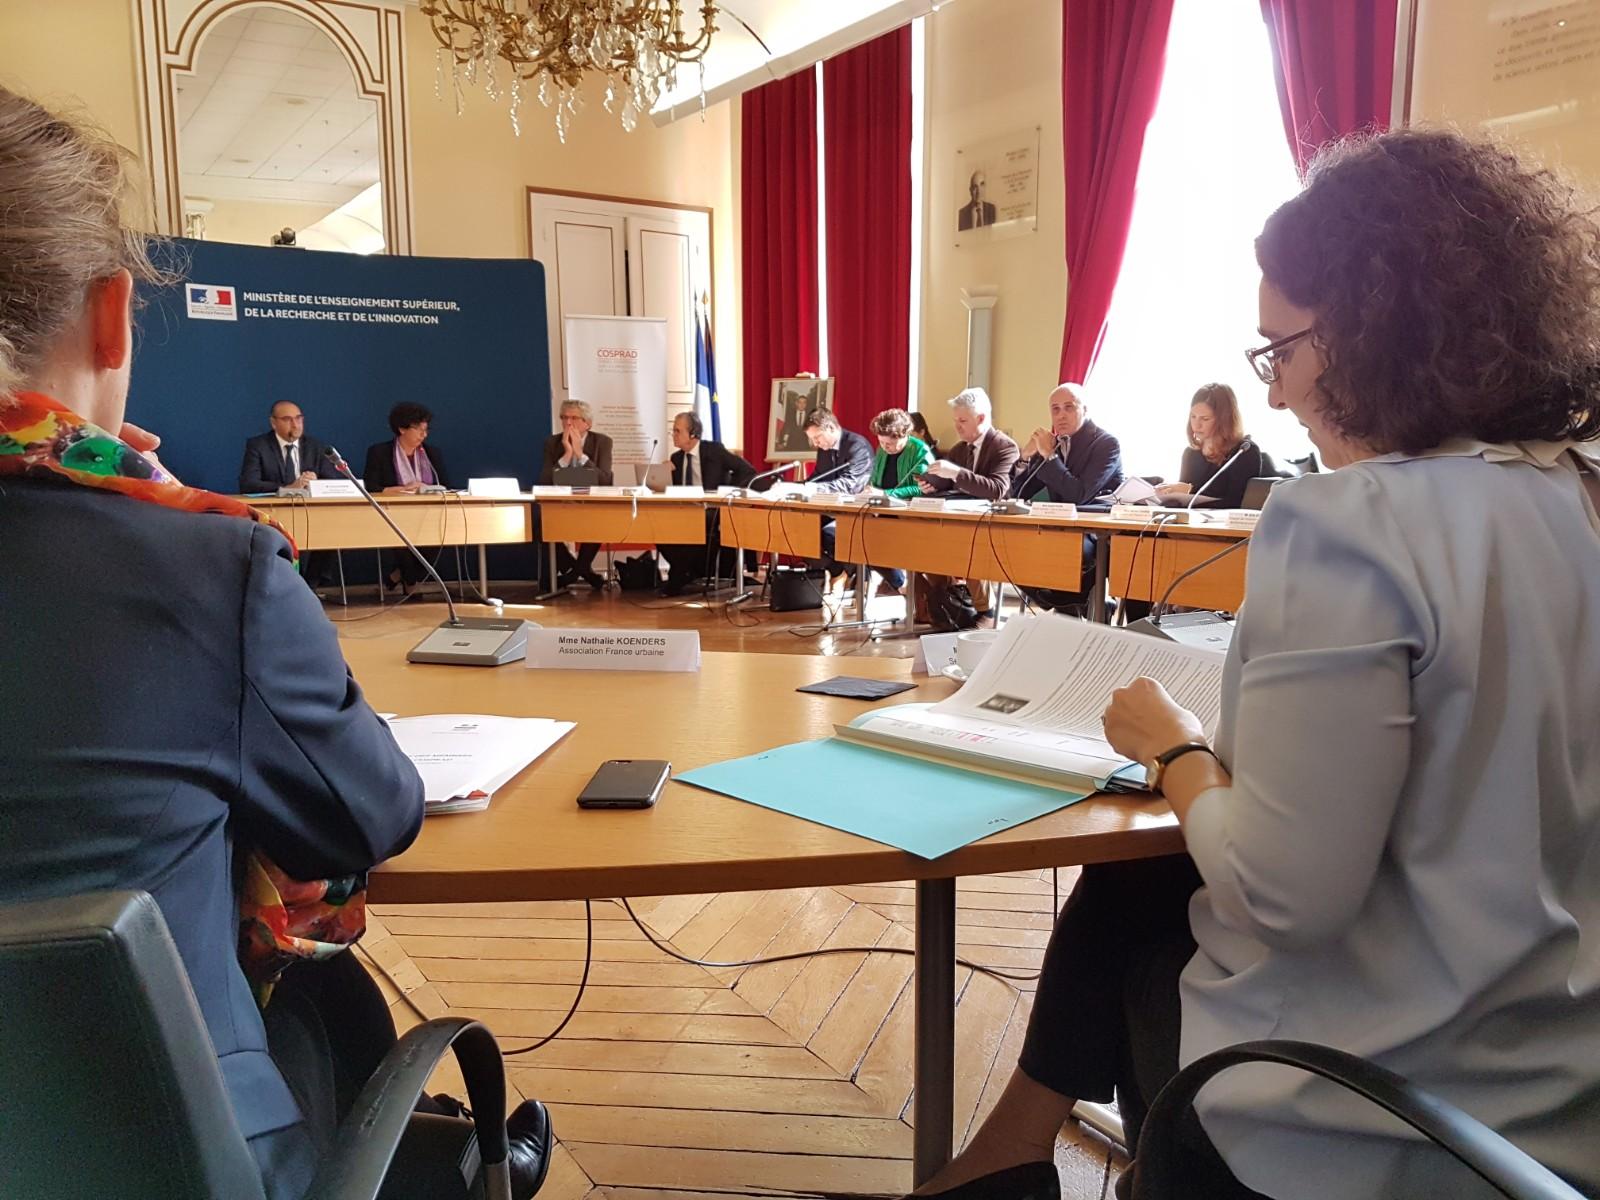 Installation du Conseil scientifique sur les processus de radicalisation